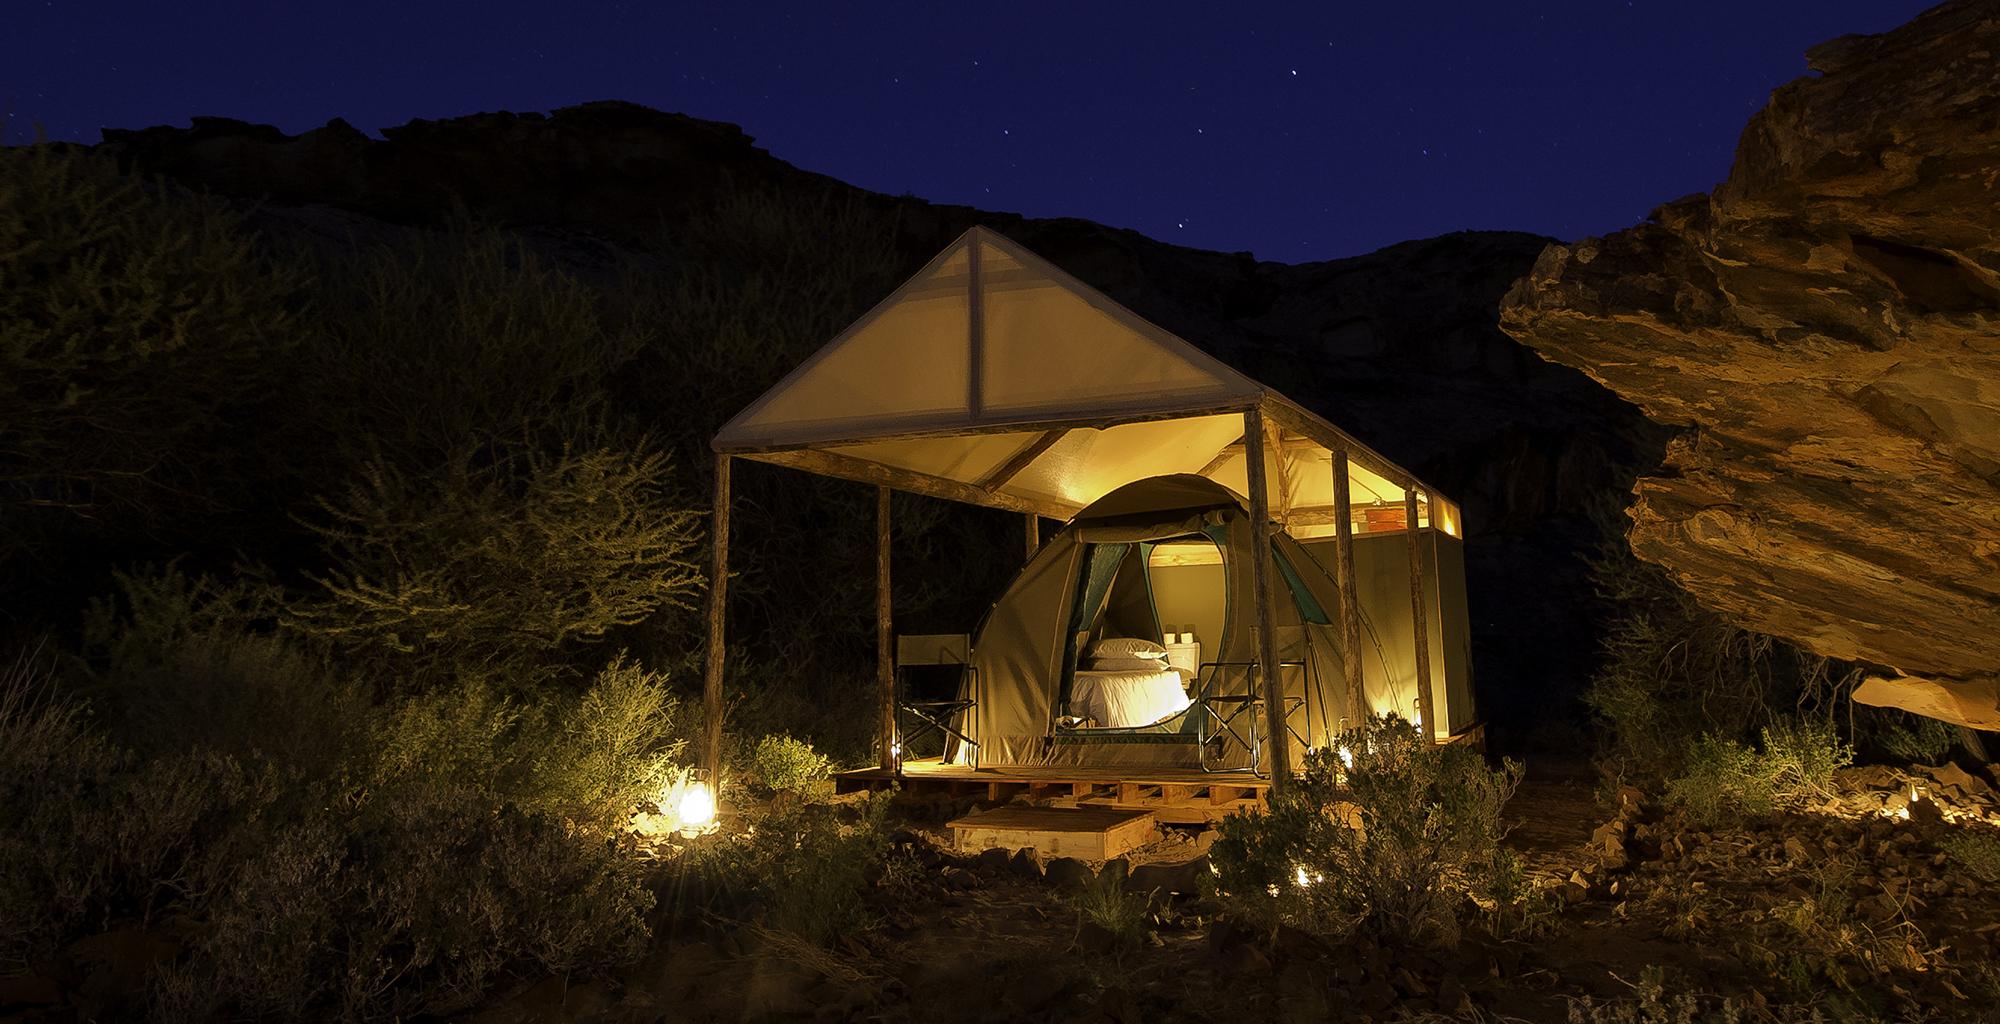 Namibia-Damaraland-Adventurer-Exterior-Night